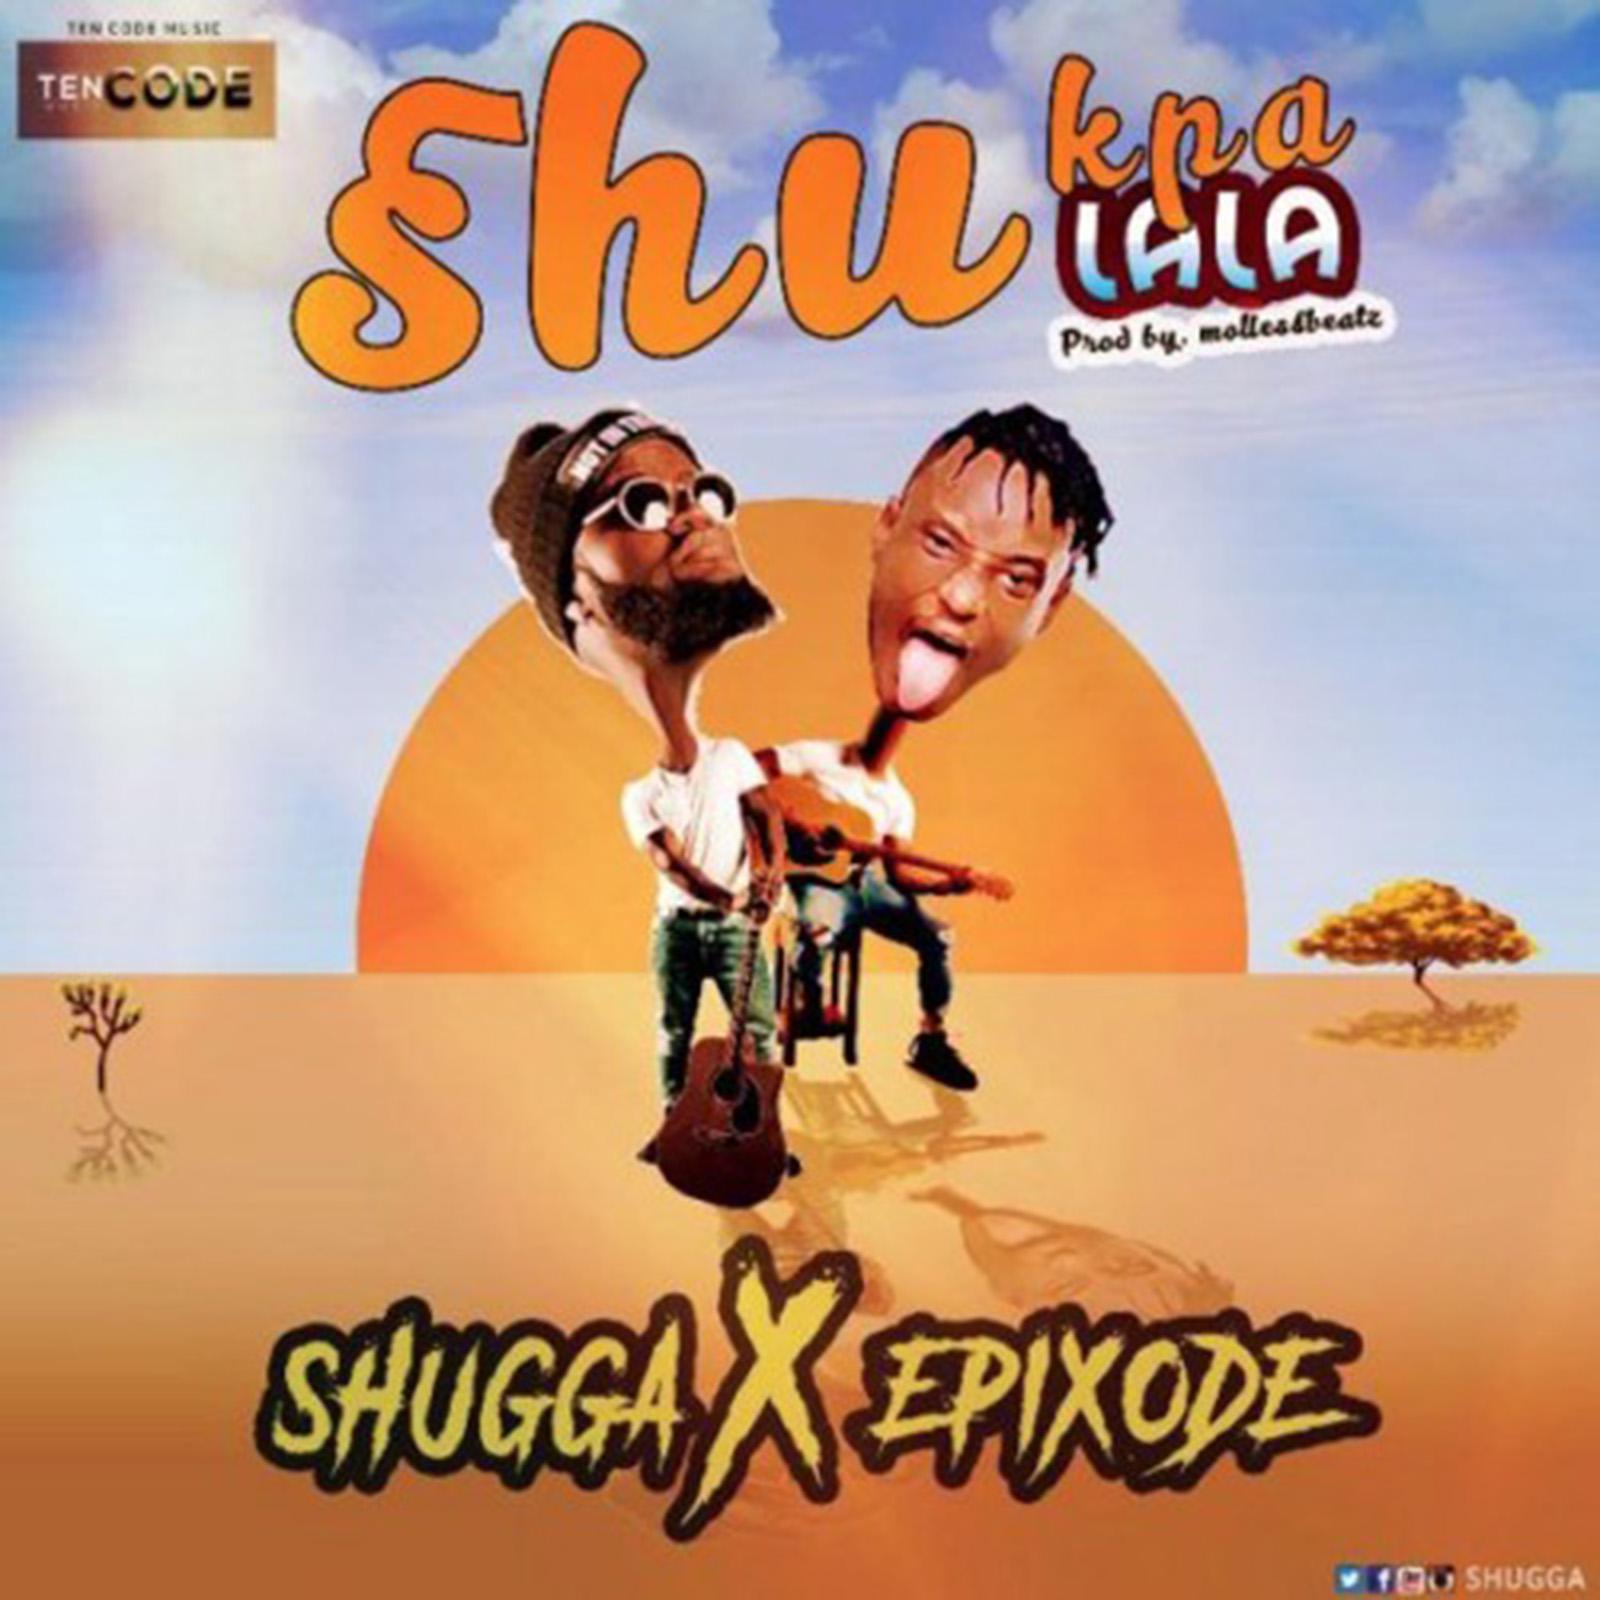 Shukpalala by Shugga feat. Epixode